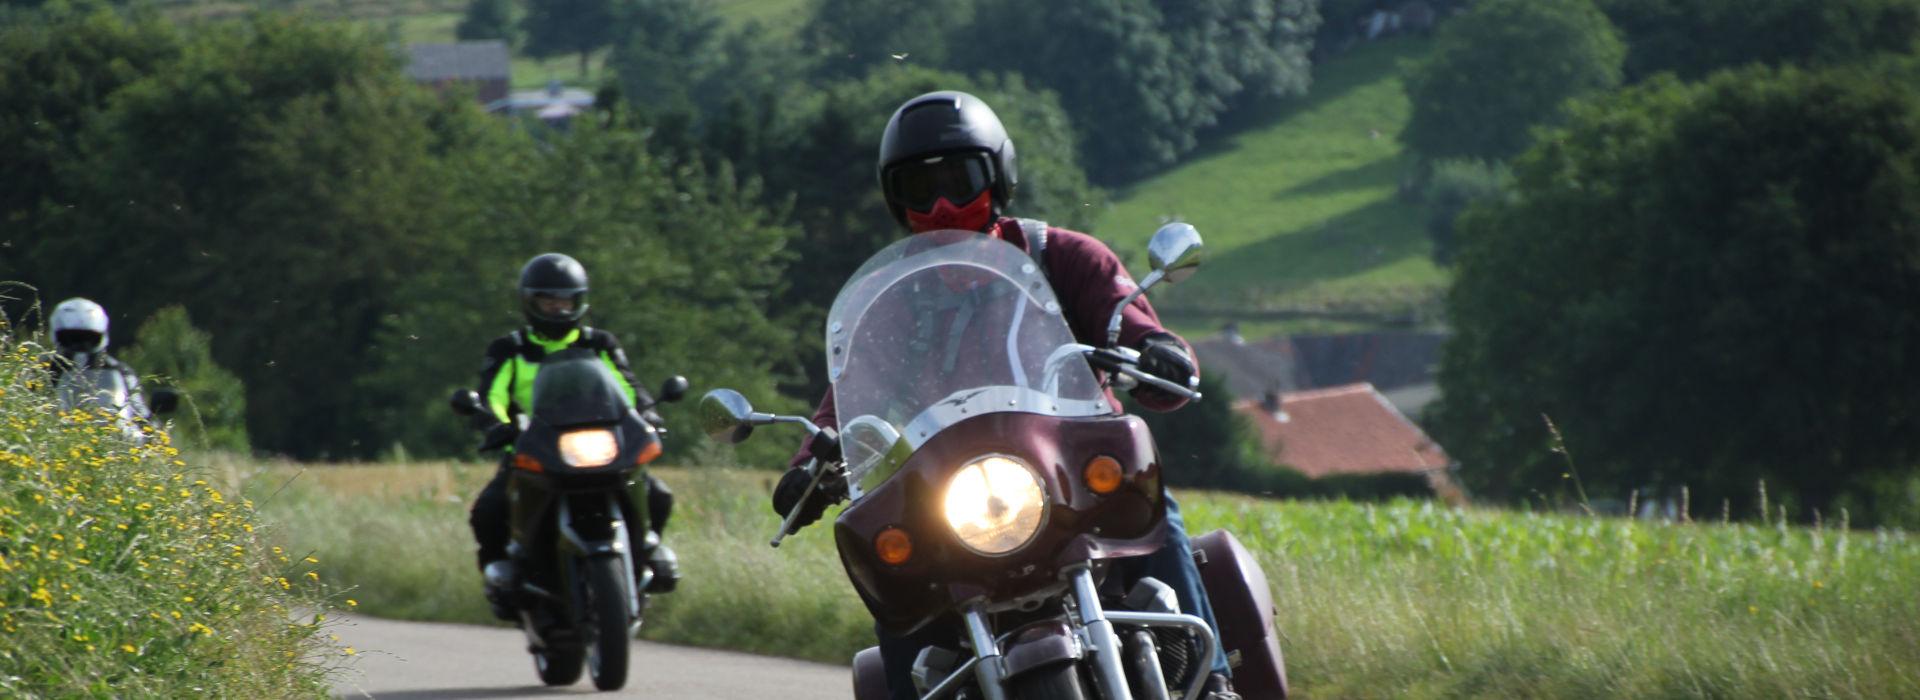 Motorrijbewijspoint Maria-Hoop spoed motorrijbewijs